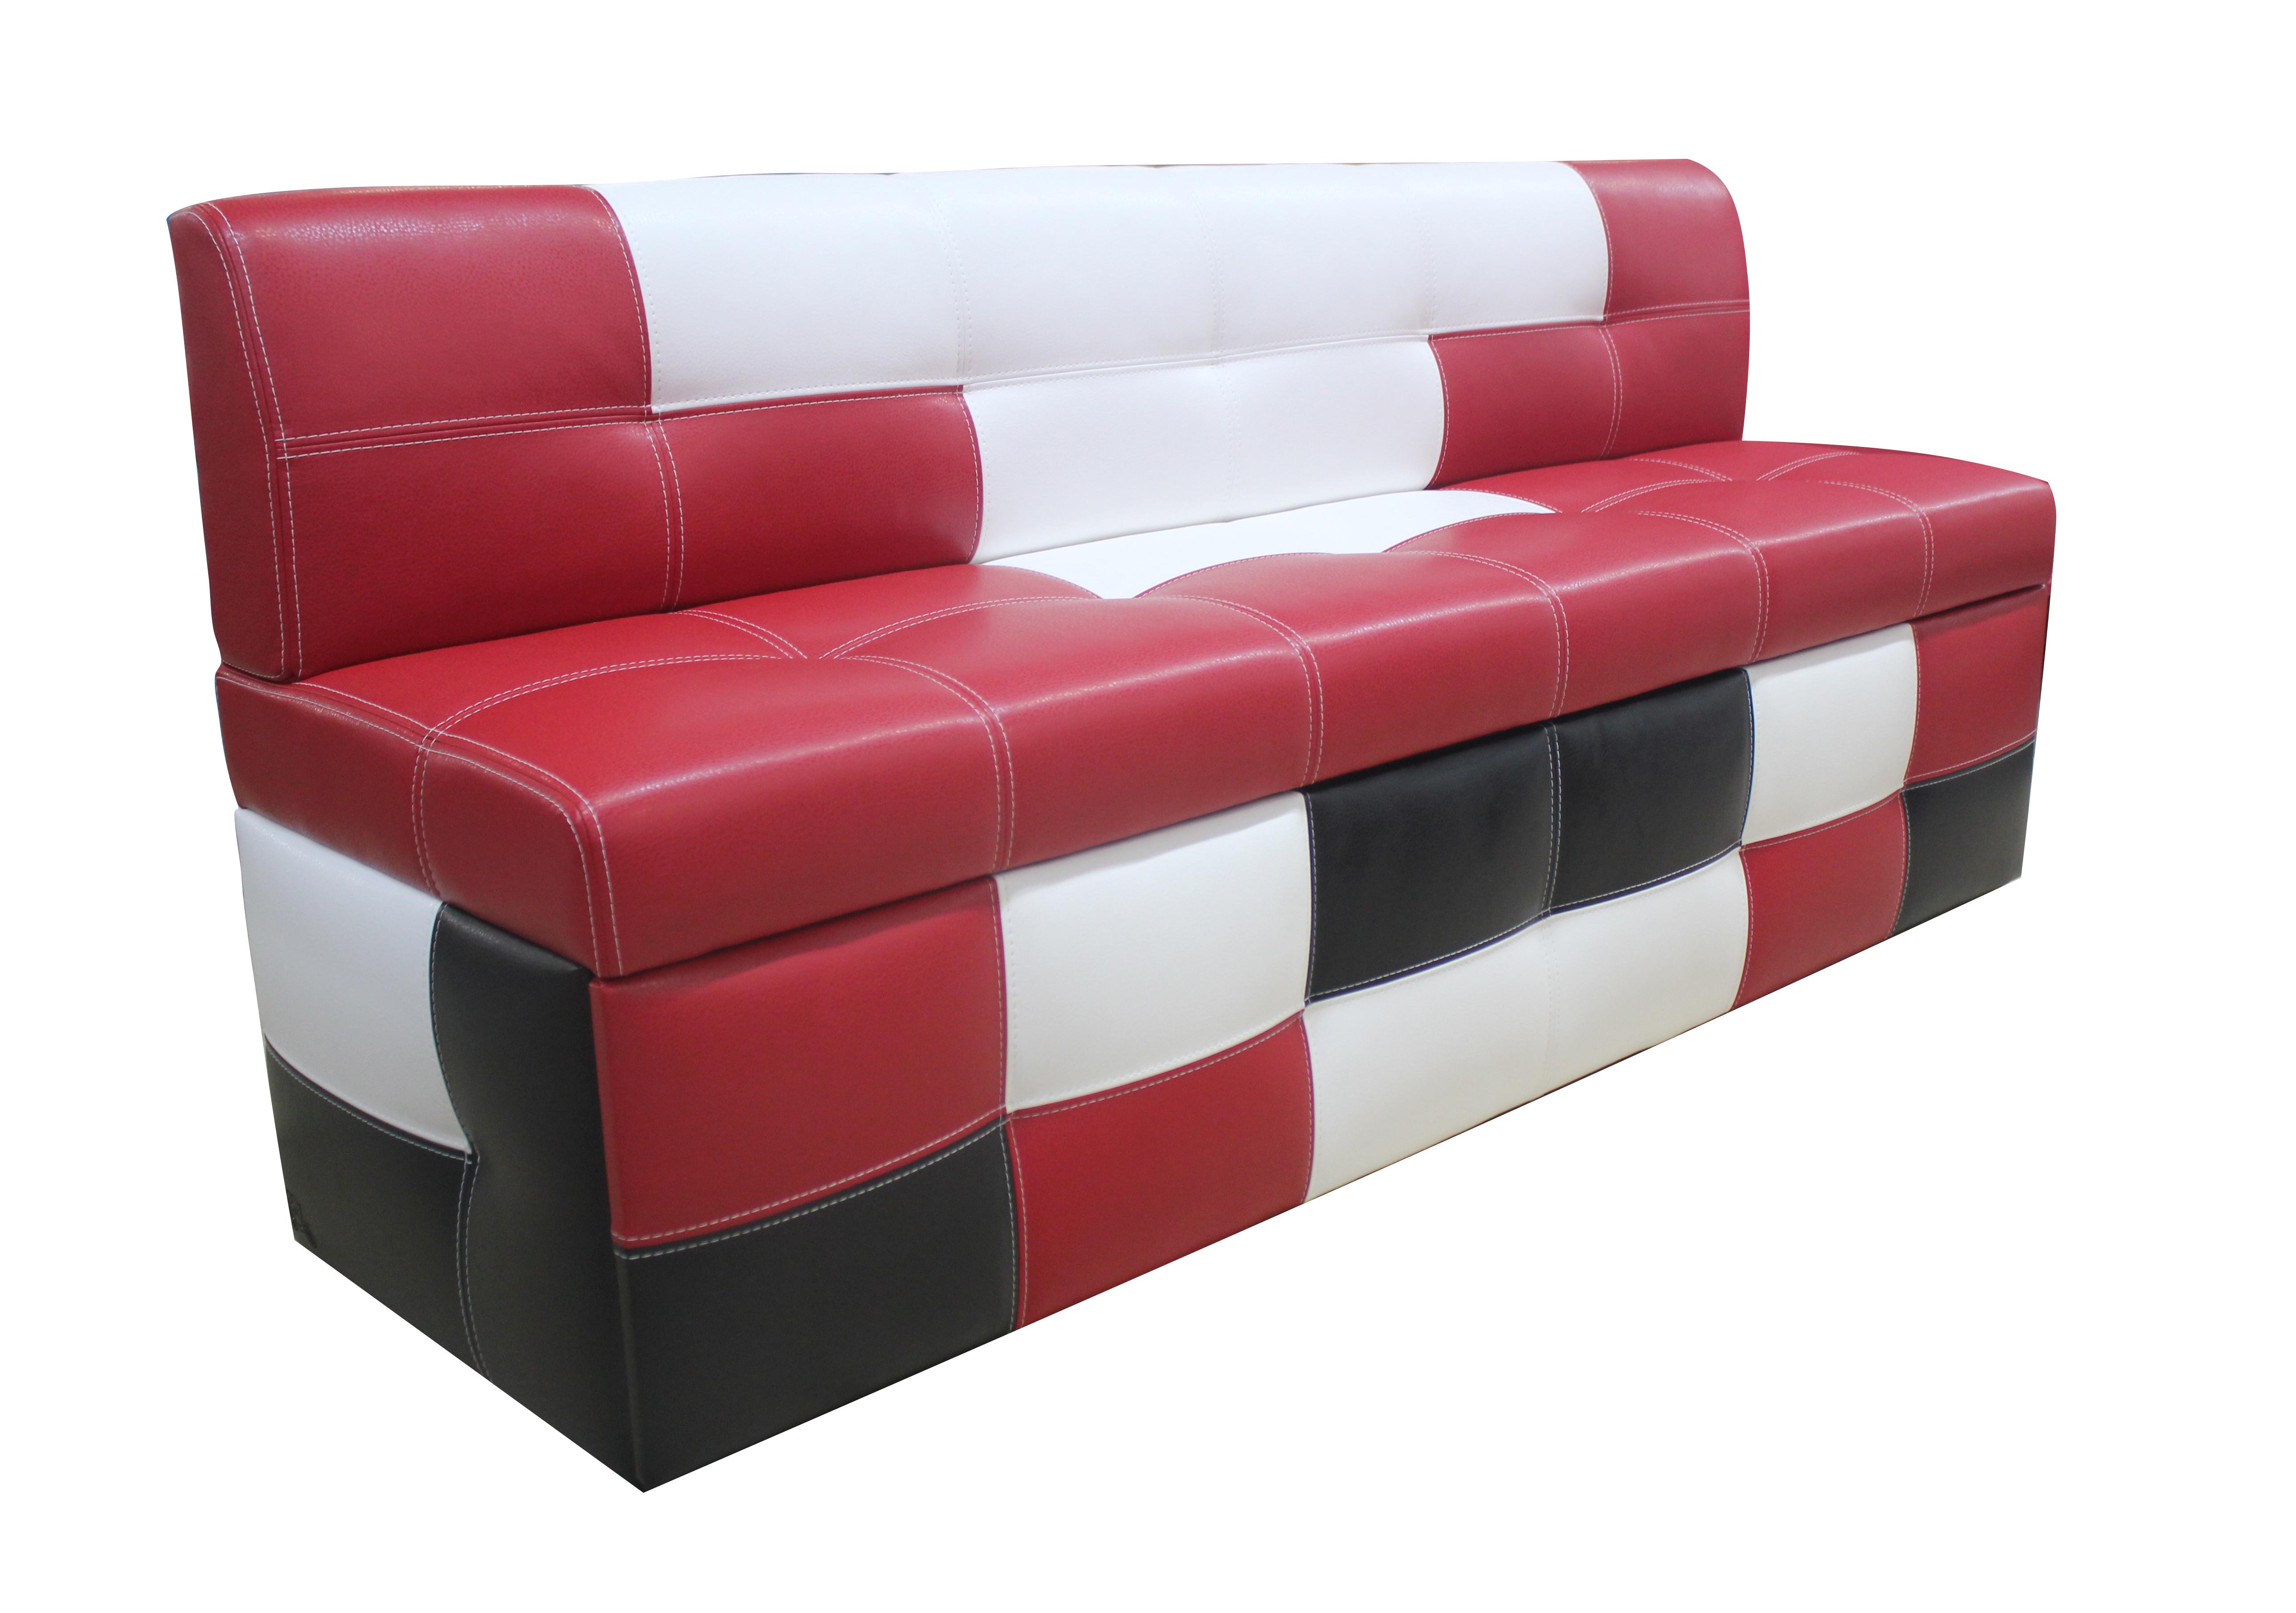 Кухонный диван Дублин-357 кухонный диван дублин